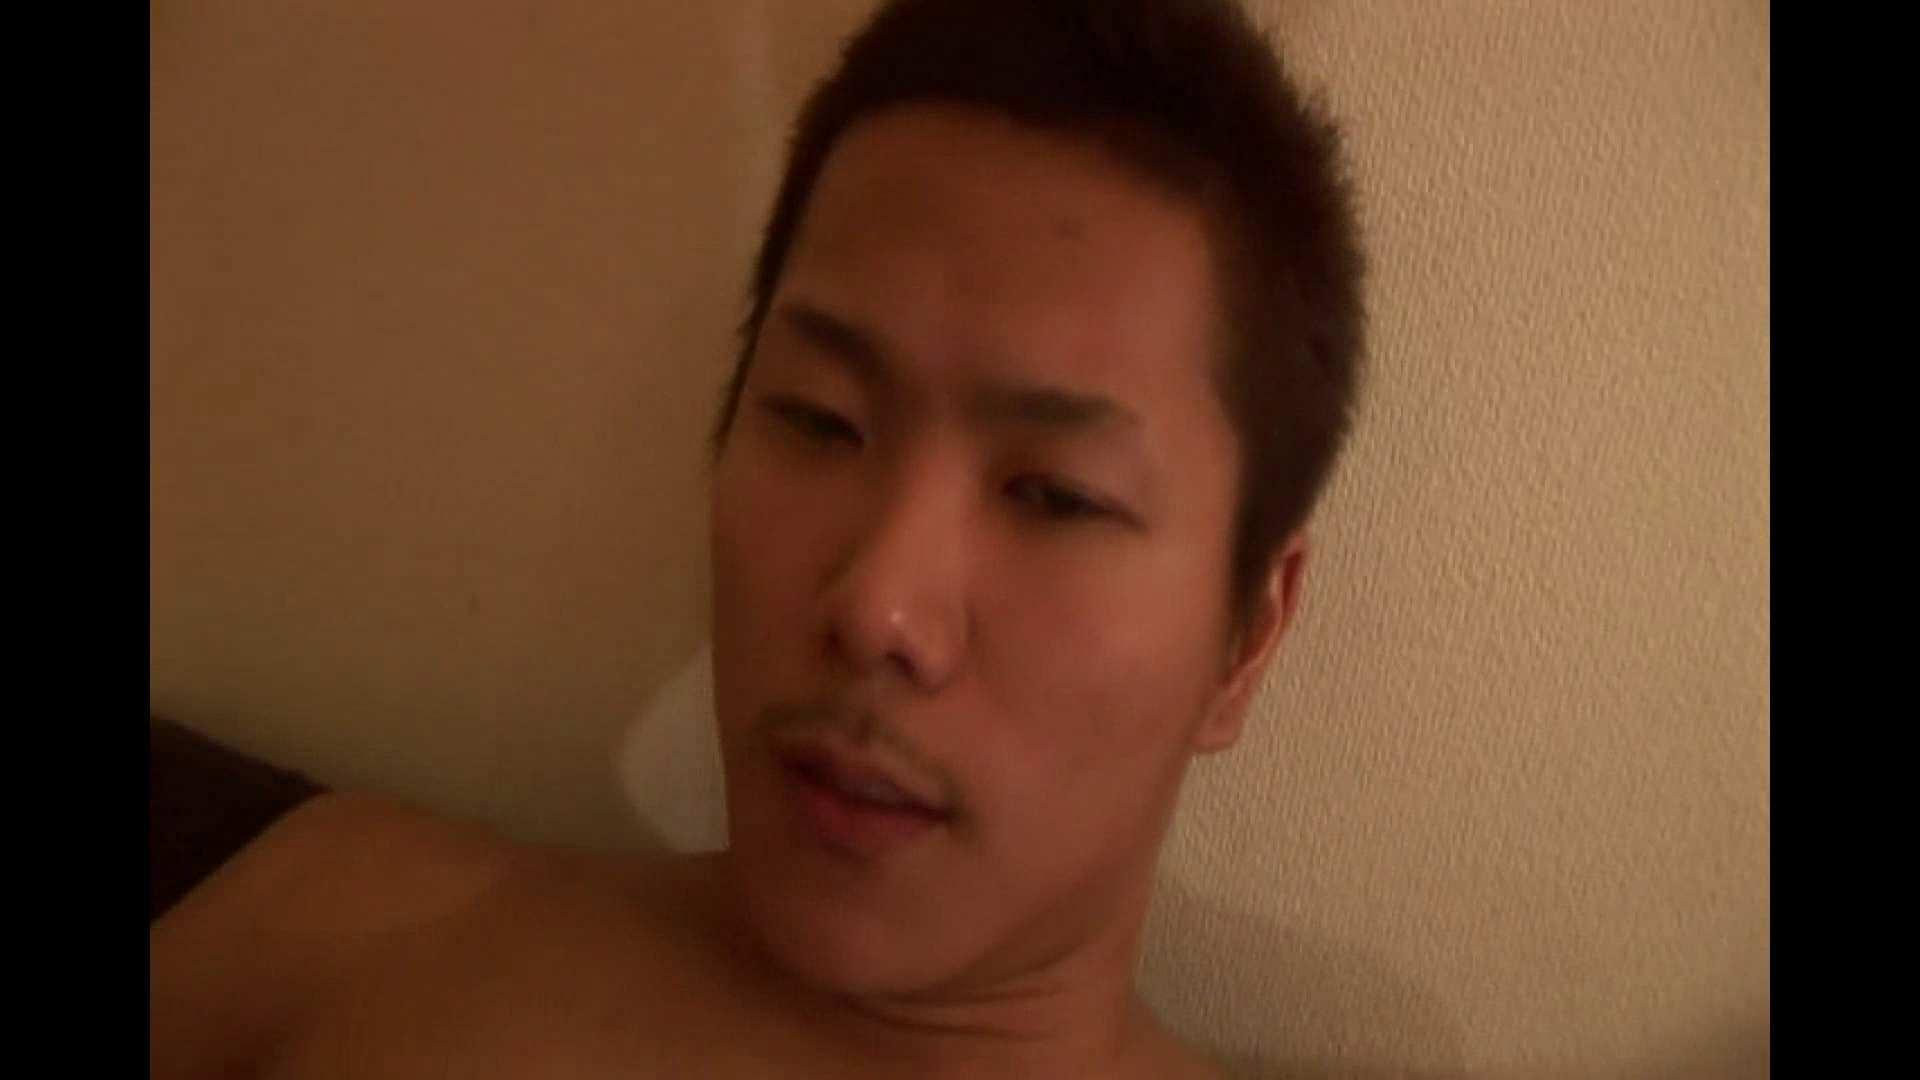 ノンケイケメンの欲望と肉棒 Vol.9 イケメンのsex   ノンケボーイズ  103pic 69